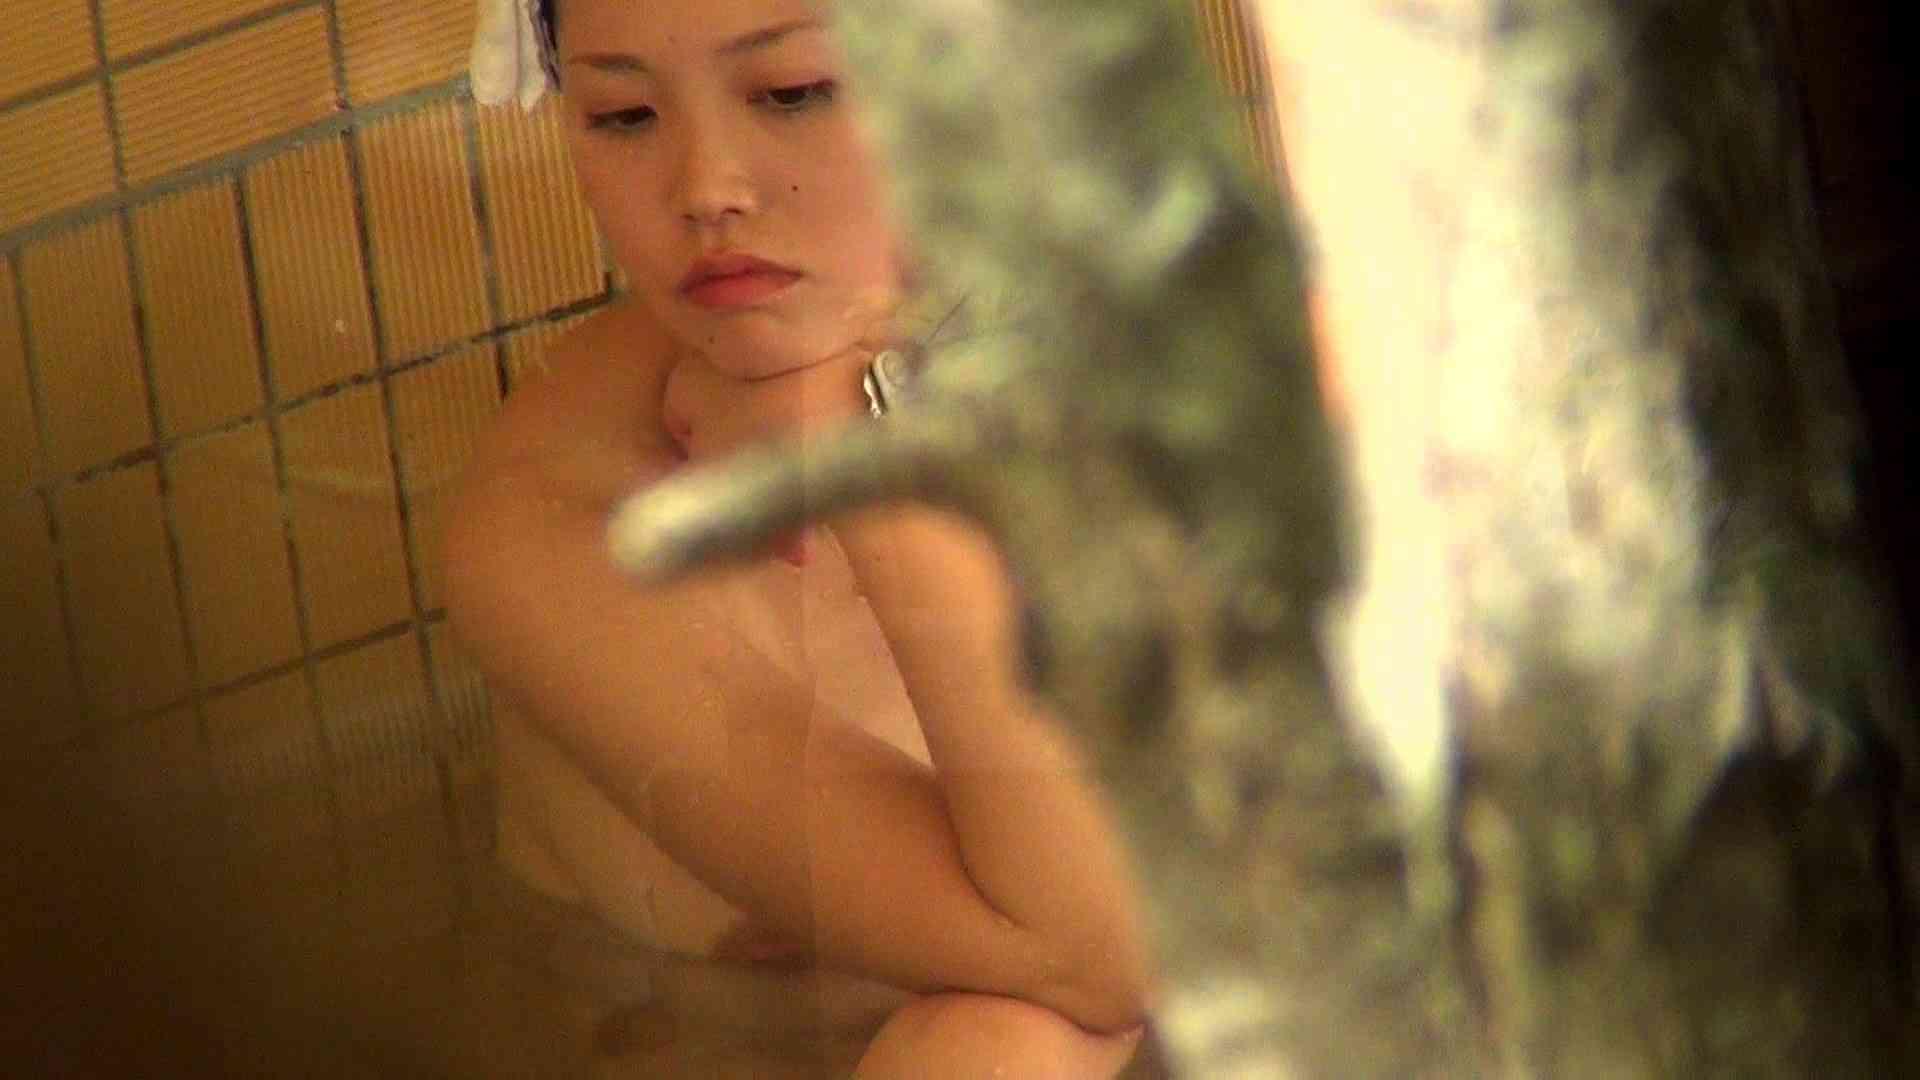 Vol.53 微妙に緩んだ下半身がいい味出してるむっちりお女市さま 美肌   美女H映像  106画像 24